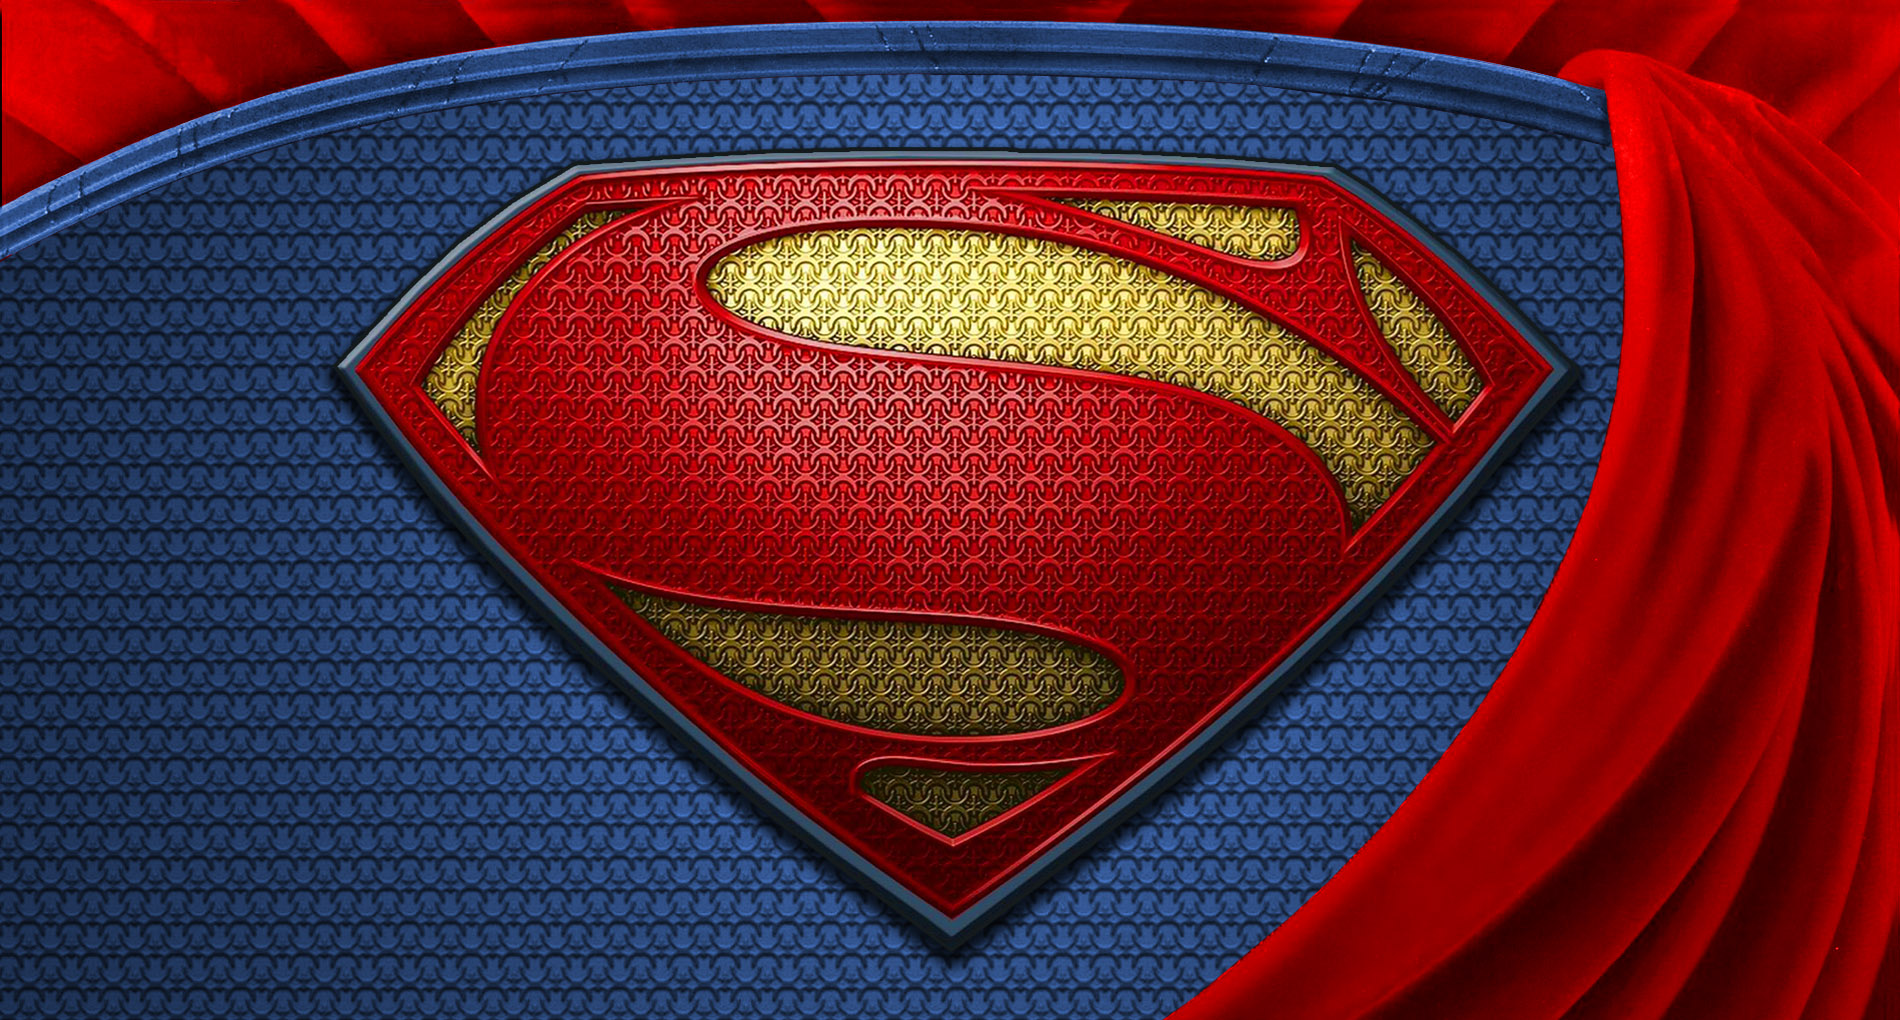 Superman Man Of Steel Wallpaper Logo HD by Super TyBone82 on 1900x1020